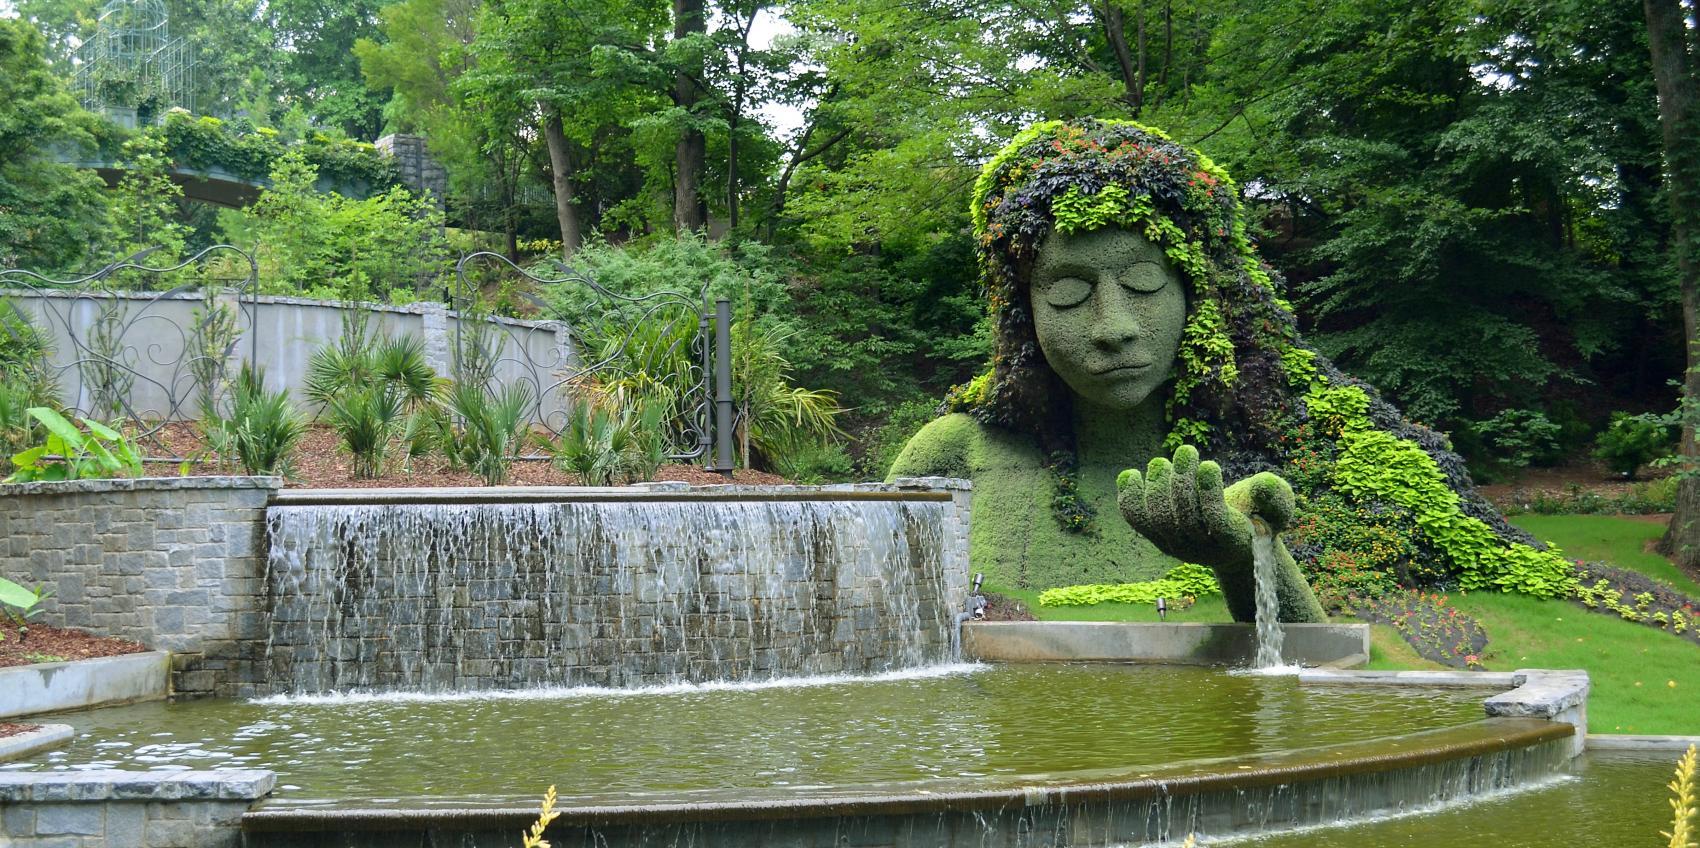 Atlanta botanical garden american public gardens association - Atlanta botanical garden membership ...